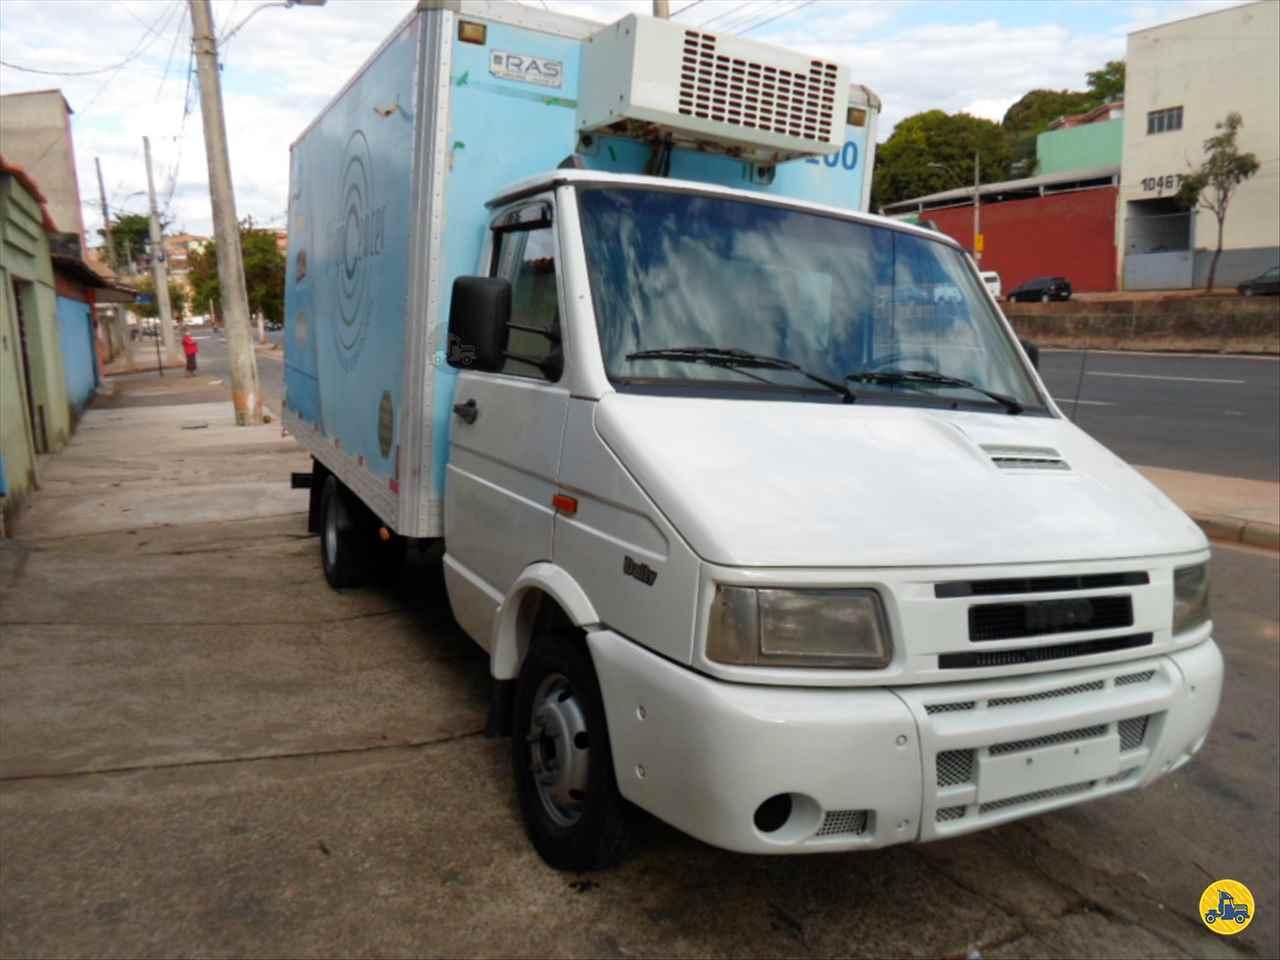 CAMINHAO IVECO DAILY 50-13 Baú Térmico Toco 4x2 TC Caminhões  BELO HORIZONTE MINAS GERAIS MG